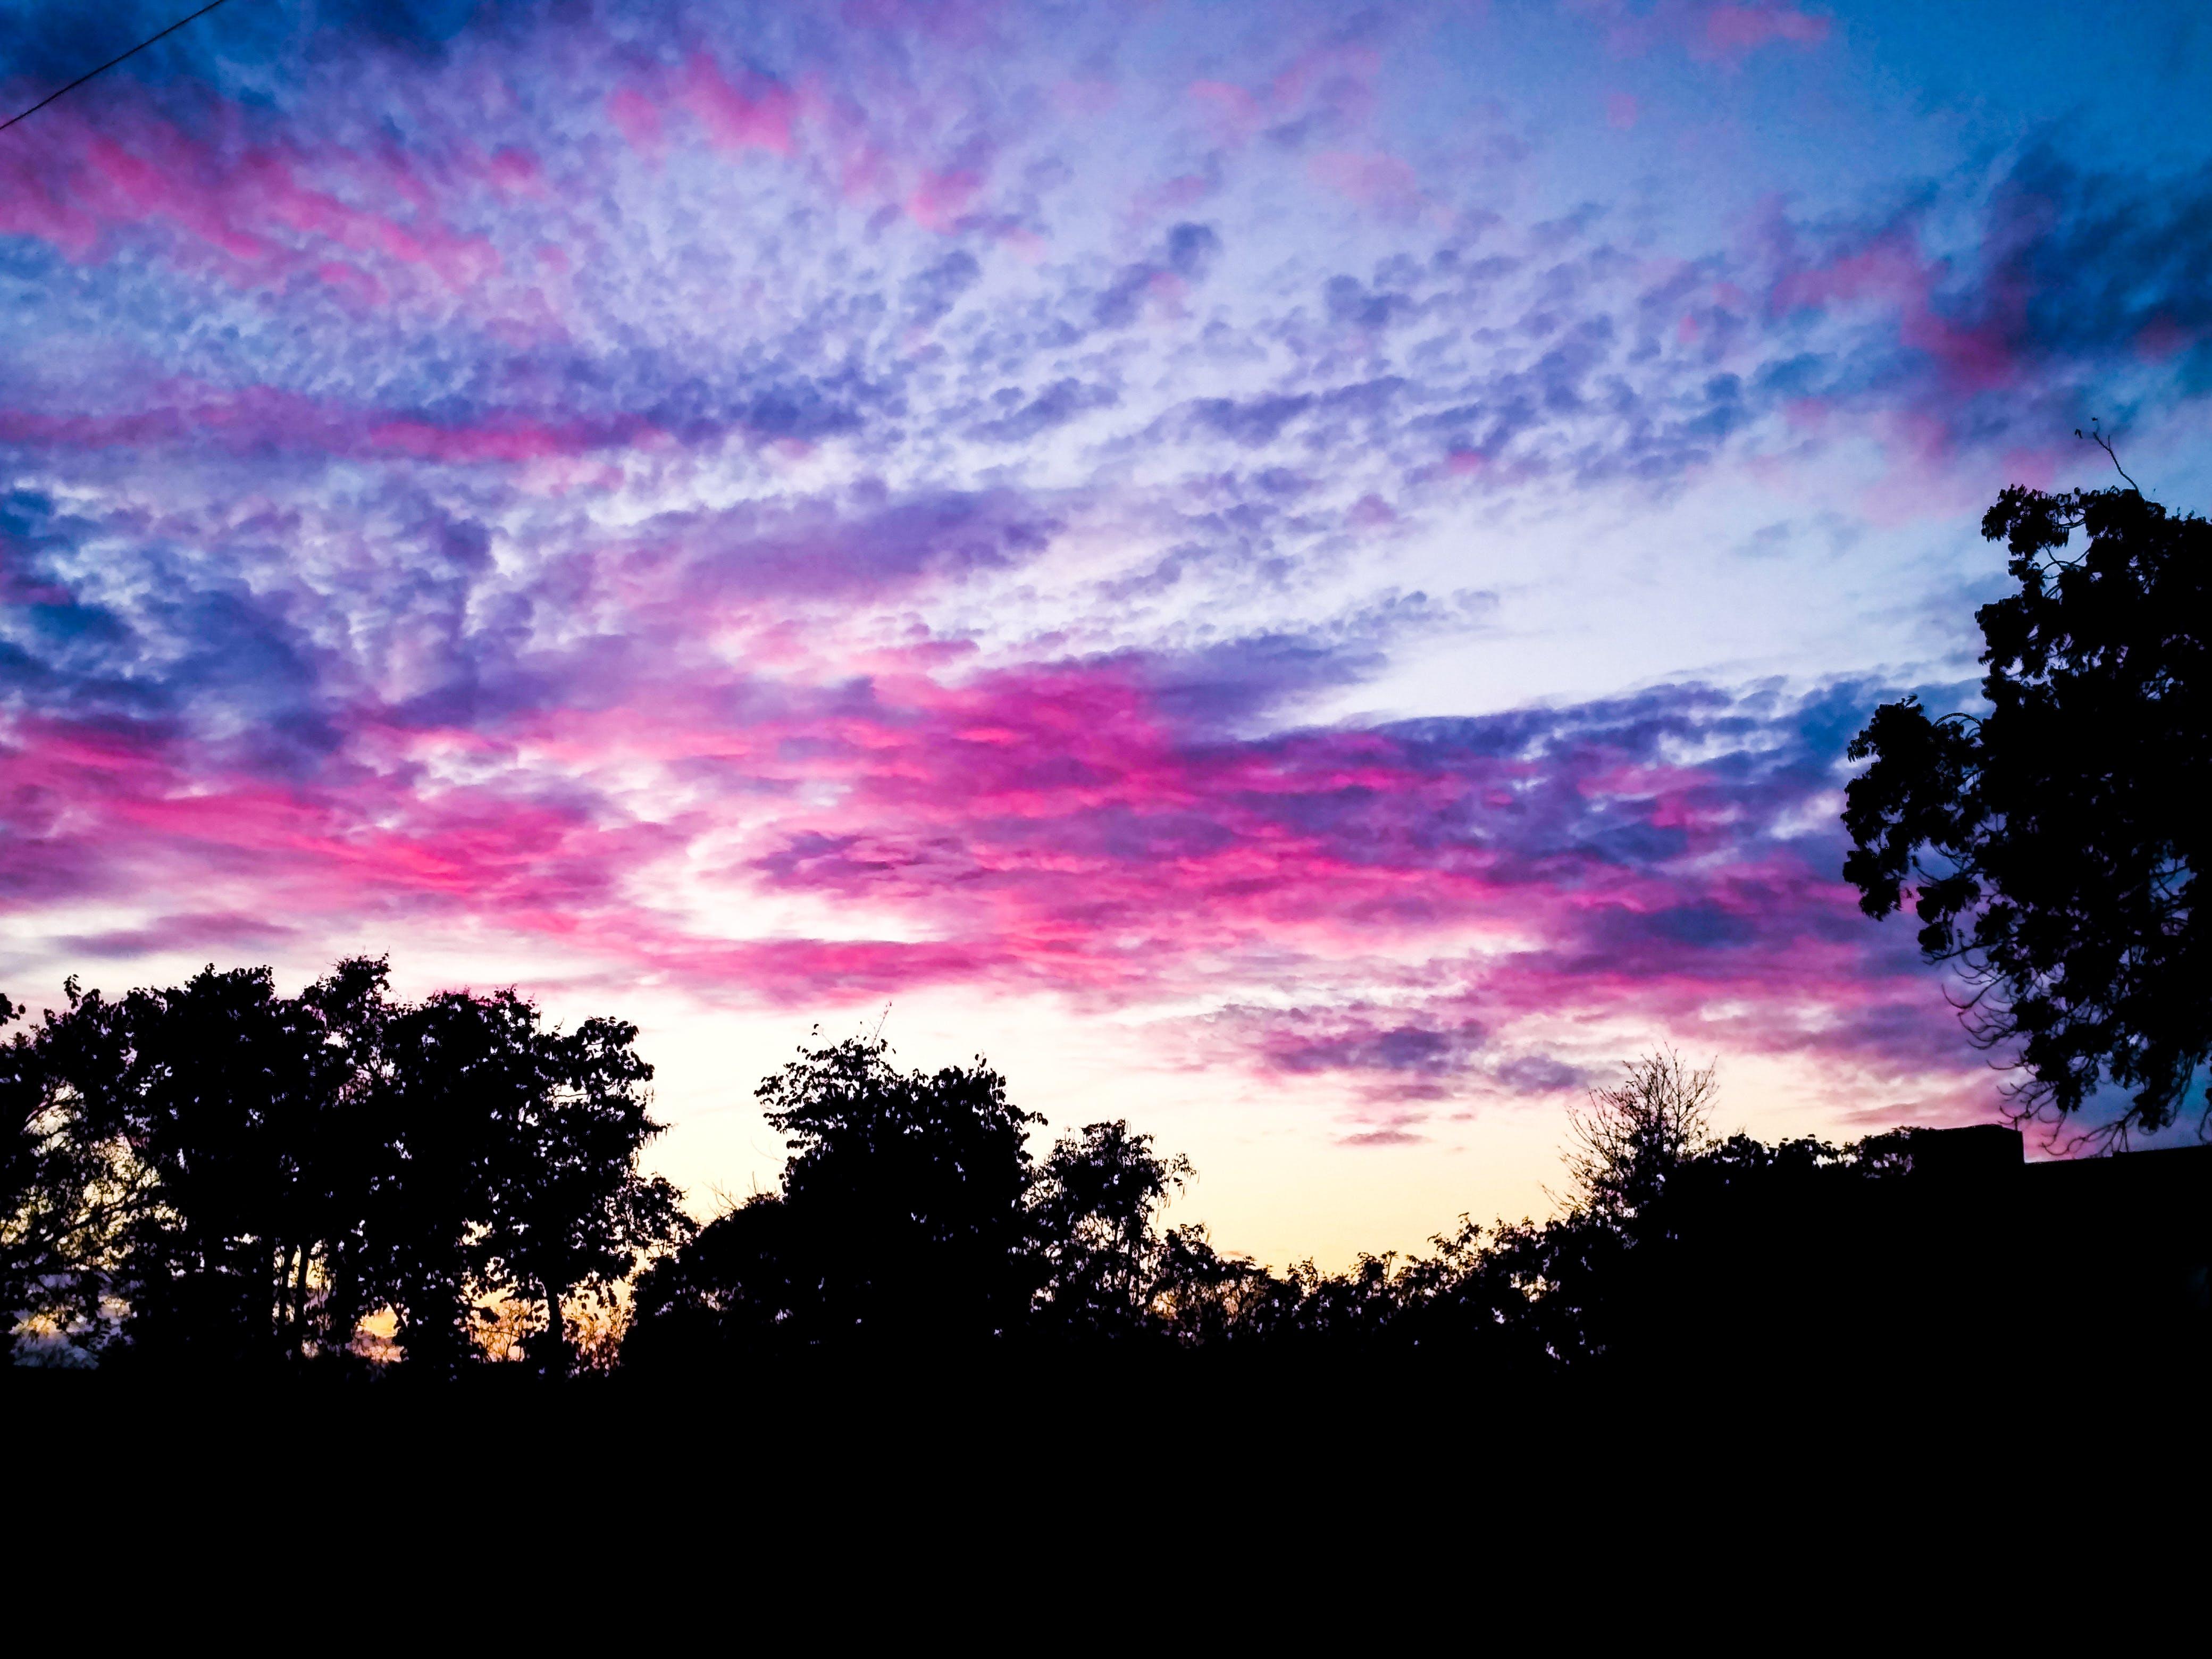 구름, 빨간, 하늘의 무료 스톡 사진